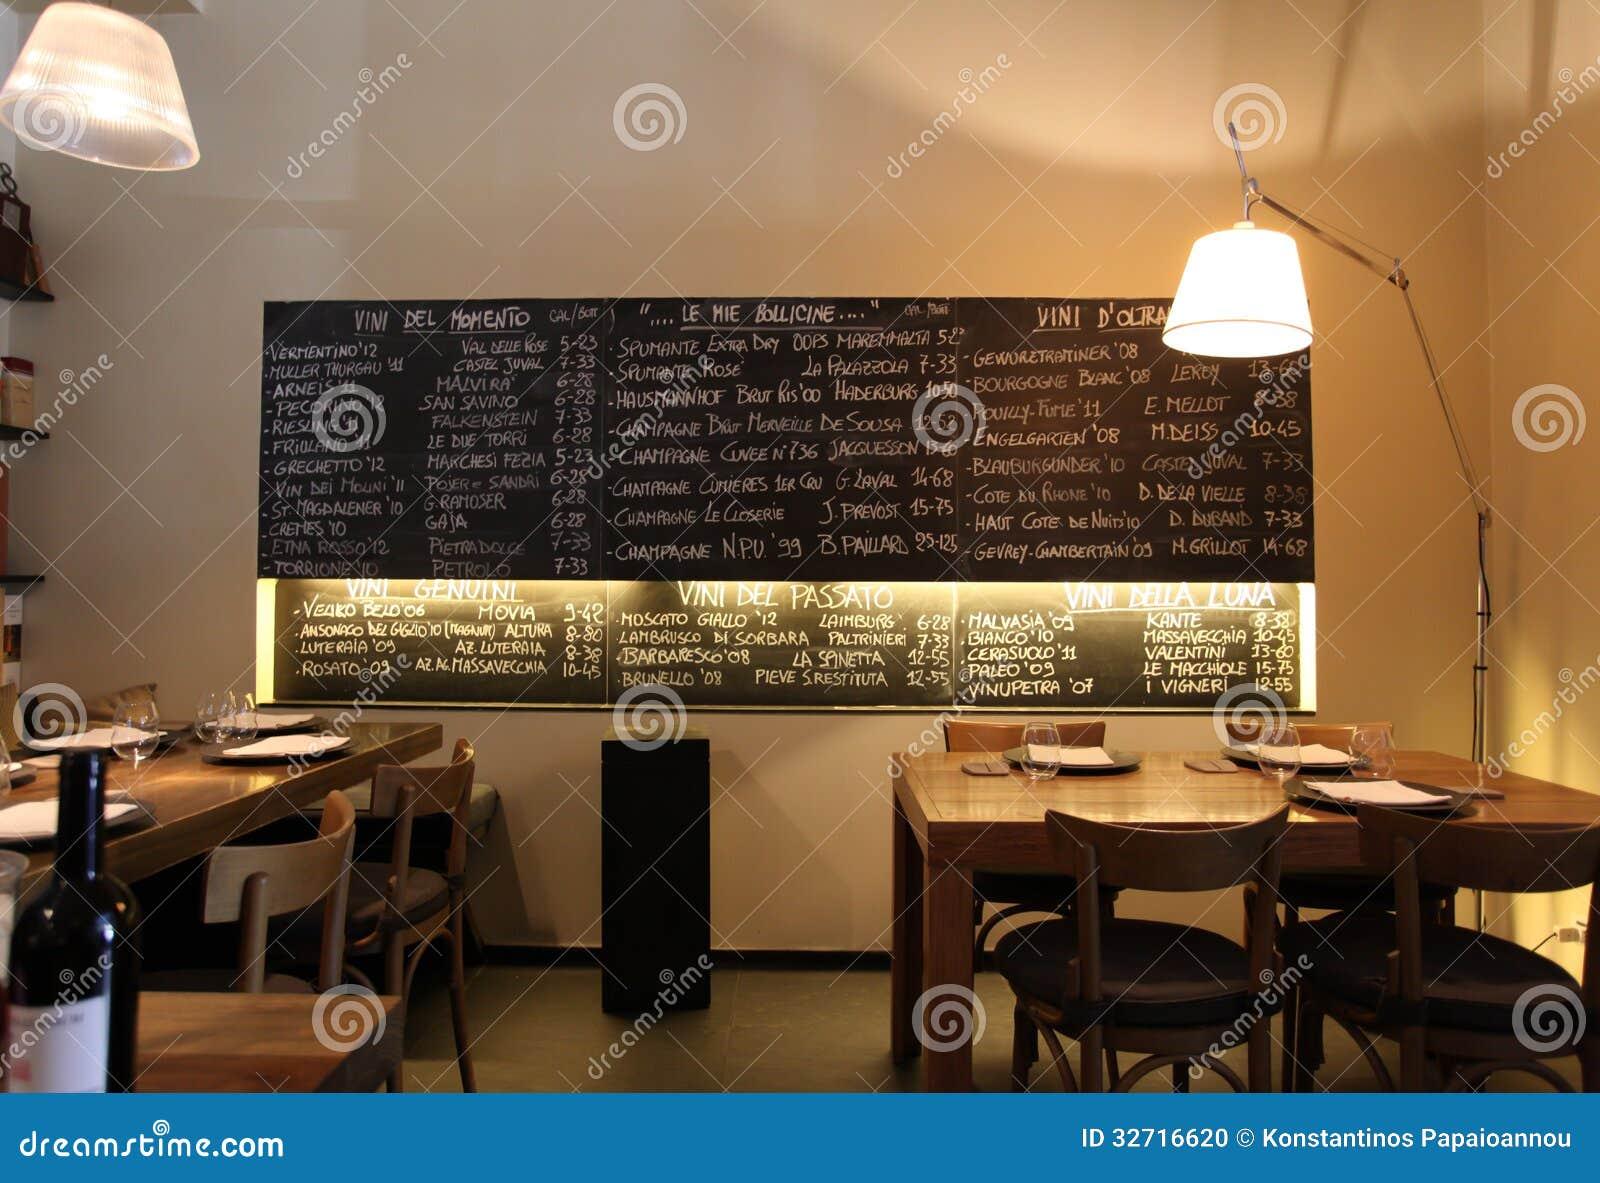 italian restaurant editorial image - image: 32716620